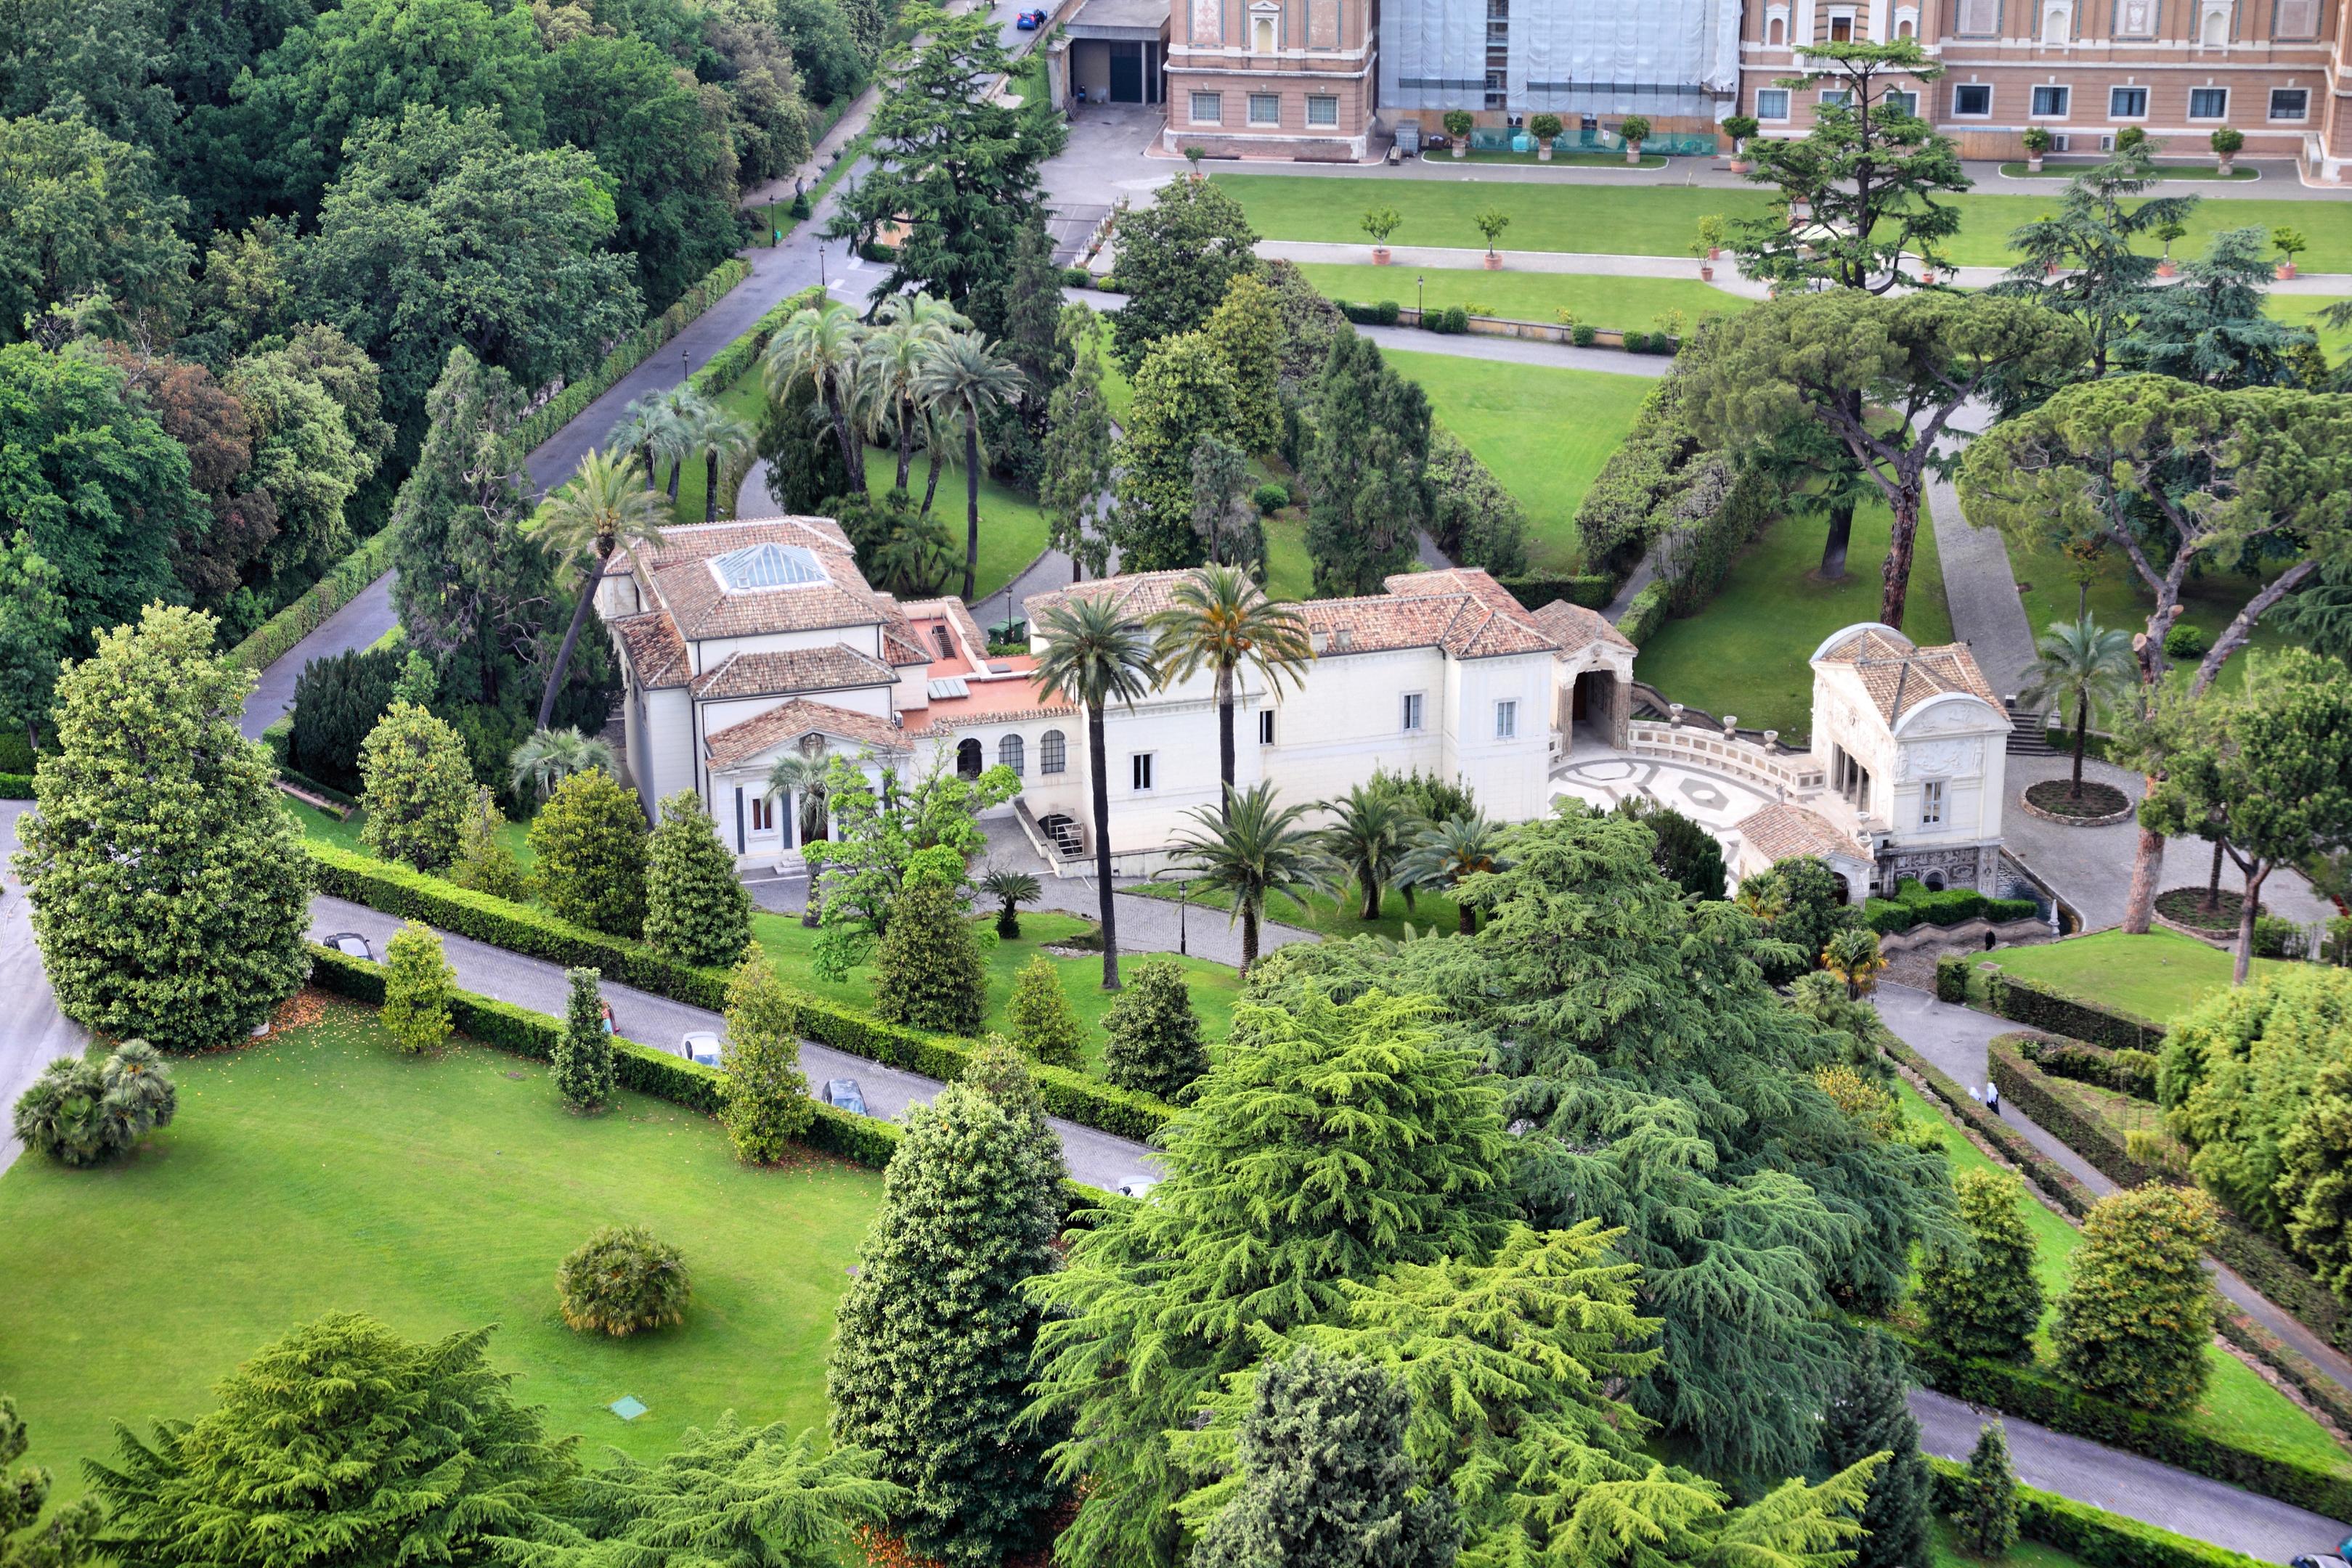 Vatican Gardens (Getty Images)